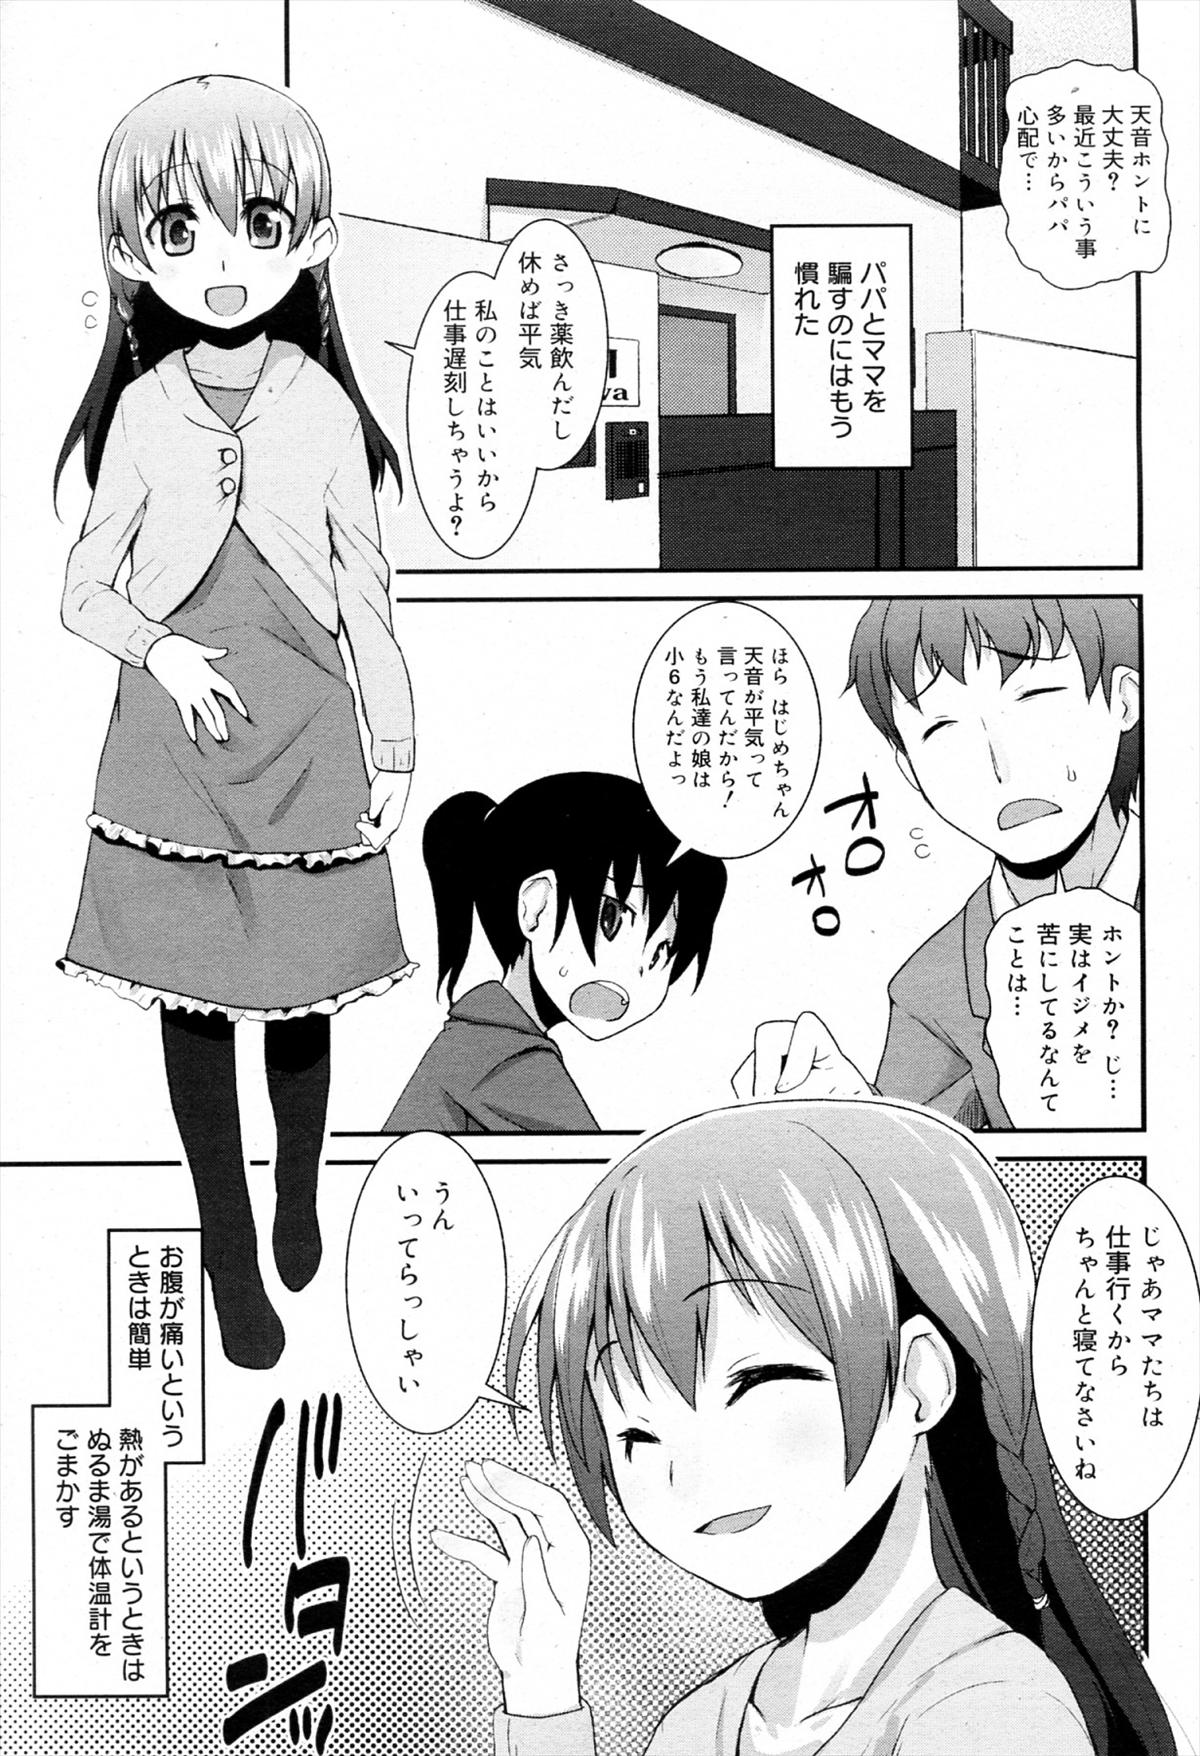 [前島龍] ズル休み (1)